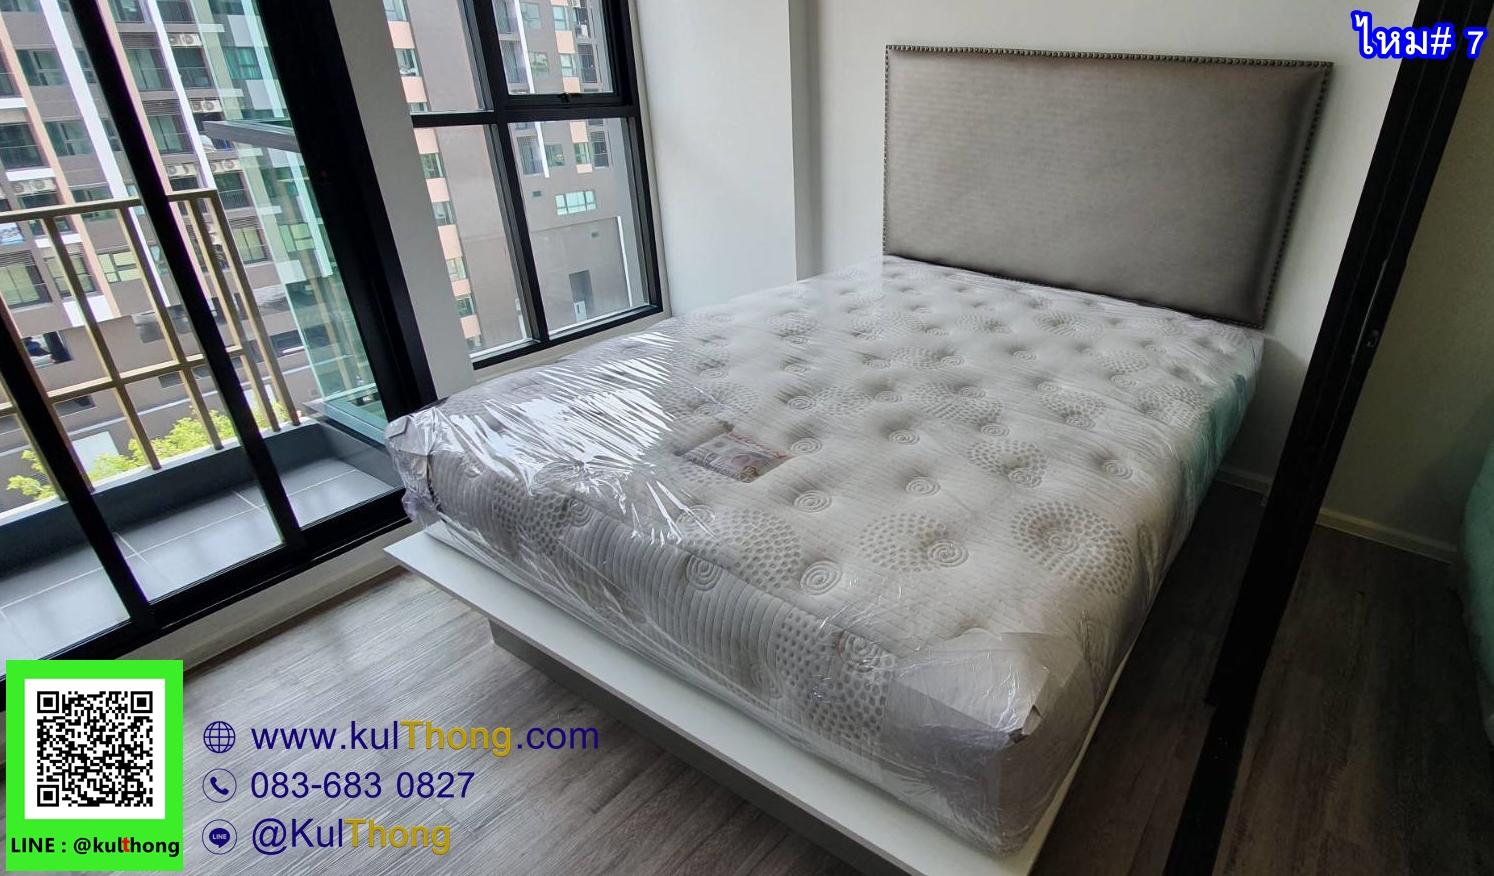 ผนังหัวเตียง แผ่นหัวเตียง หัวเตียง 3.5 ฟุต หัวเตียงสวยๆ